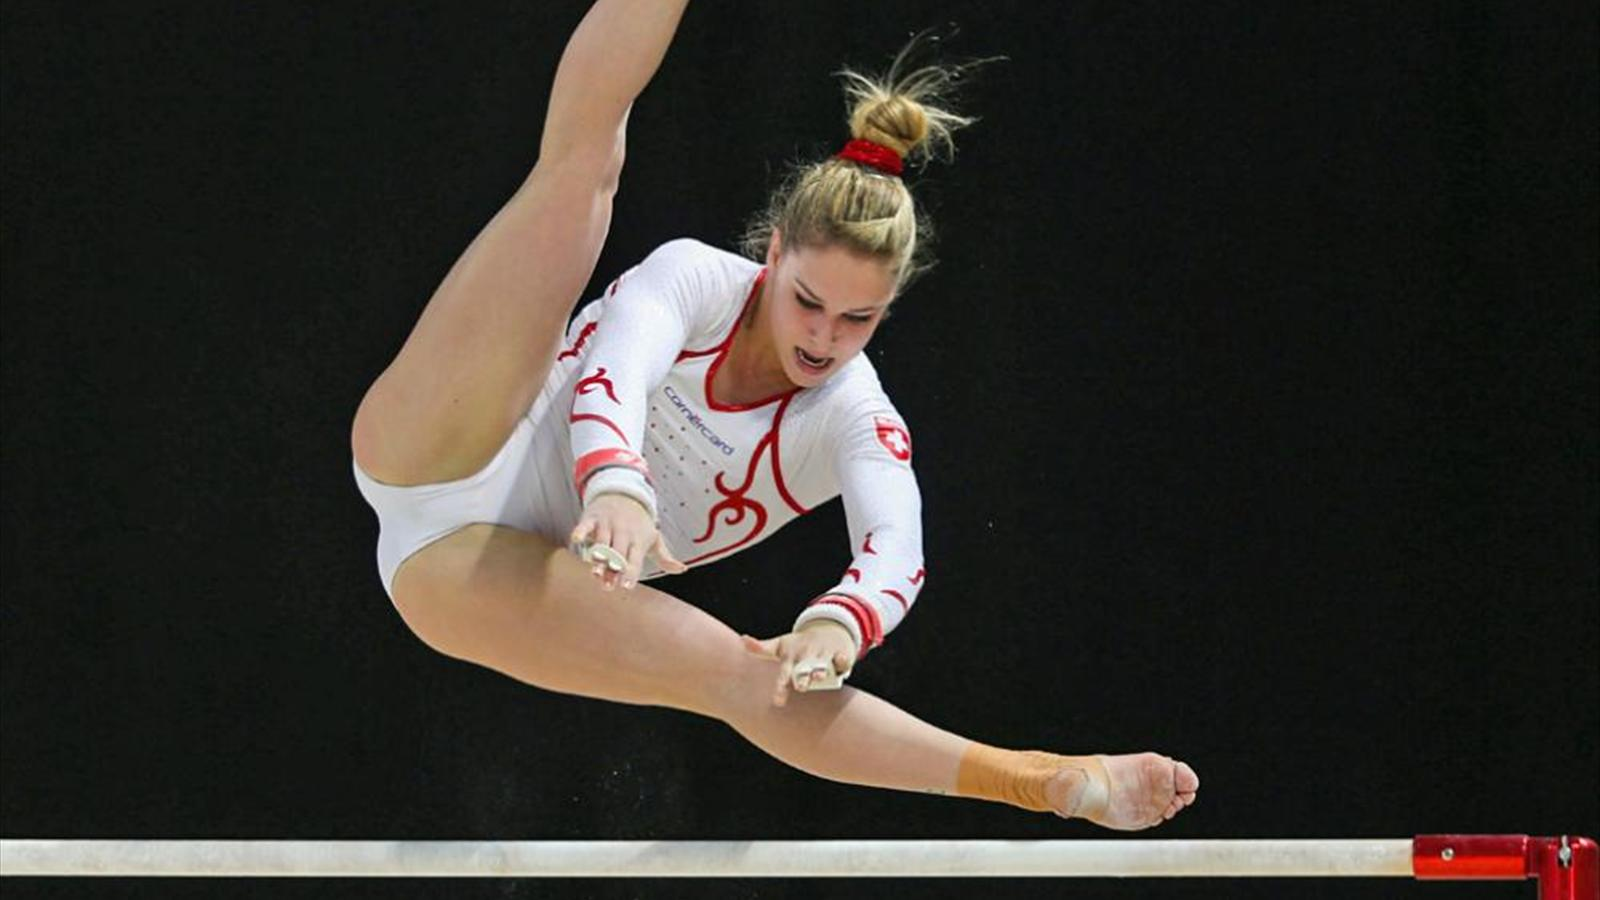 Rio 2016: Kunstturnerinnnen gelingt starke Generalprobe für Olympische Spiele - Rio 2016 ...